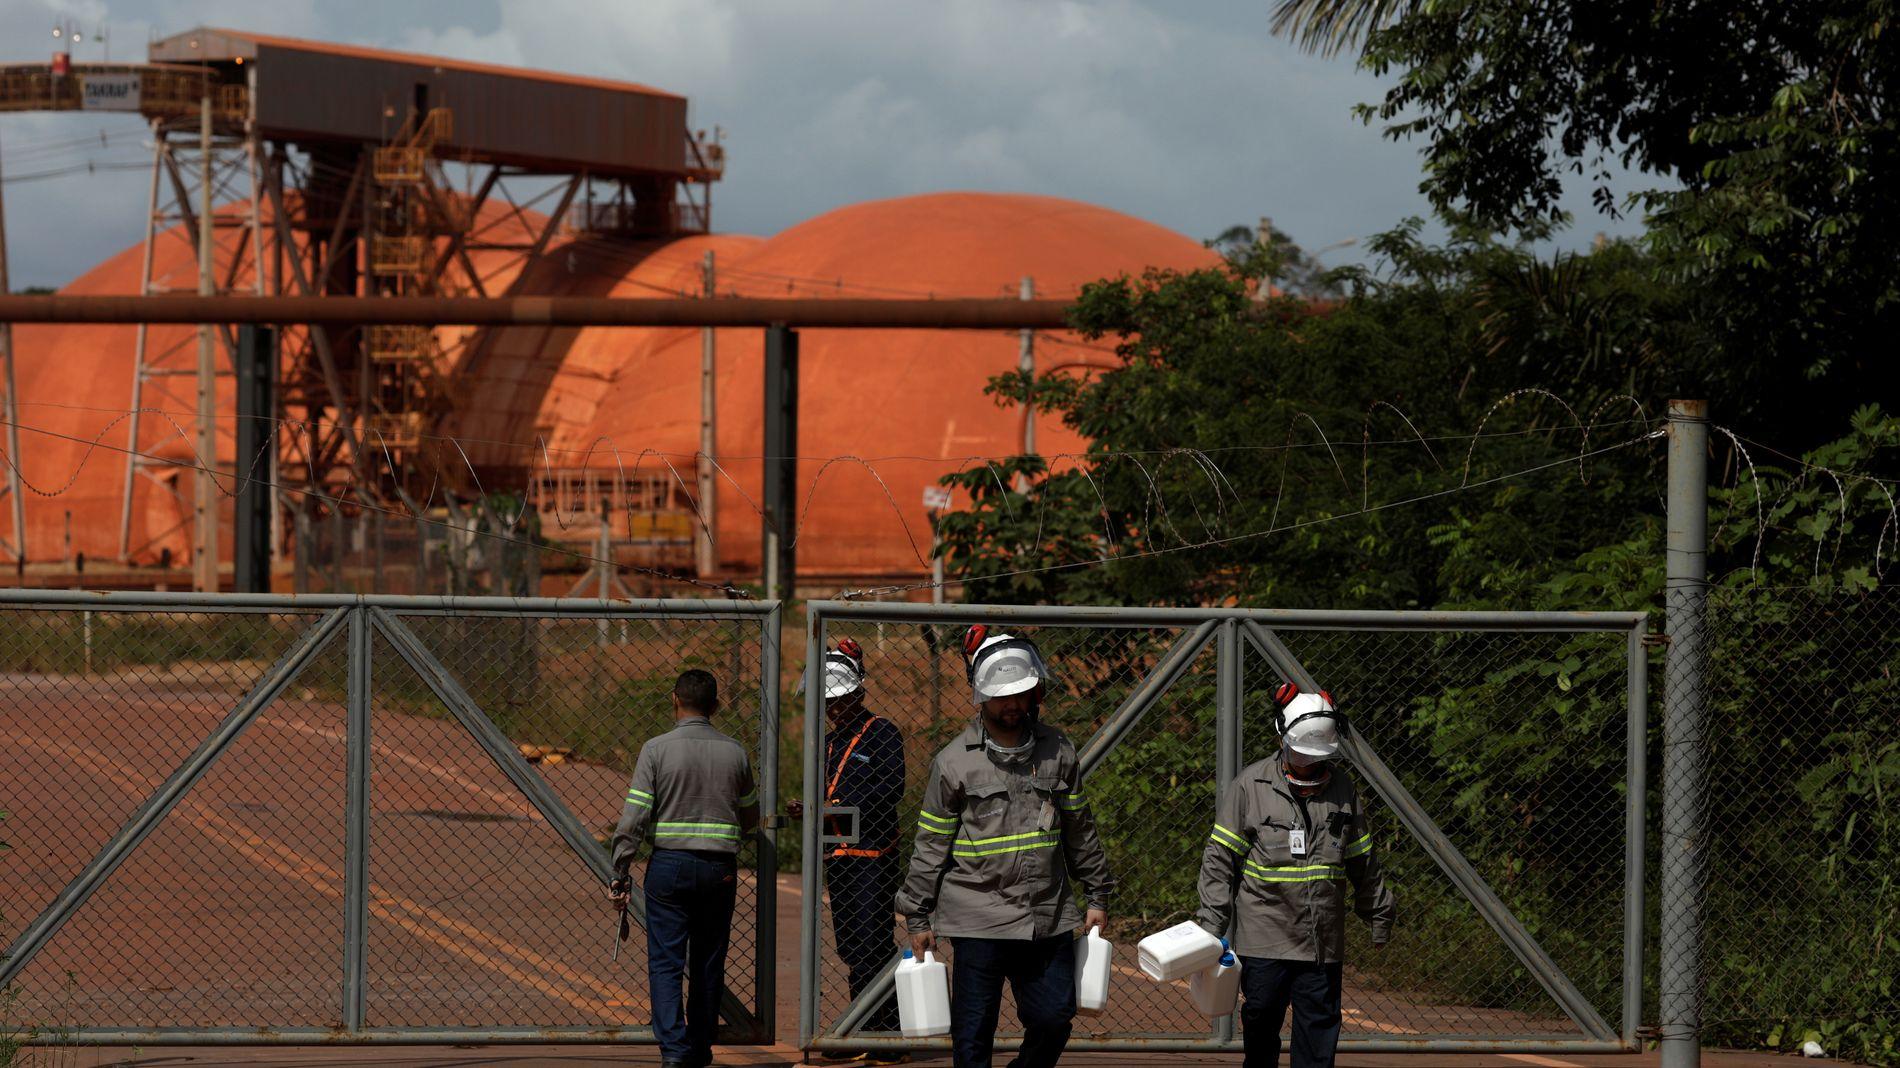 ETTERFORSKES: Det brasilianske miljøinstituttet Ibama og Evandro Chagas-instituttet forsøker å komme til bunns i hvordan utslippene fra det Hydro-eide Alunorte påvirket nærmiljøet.